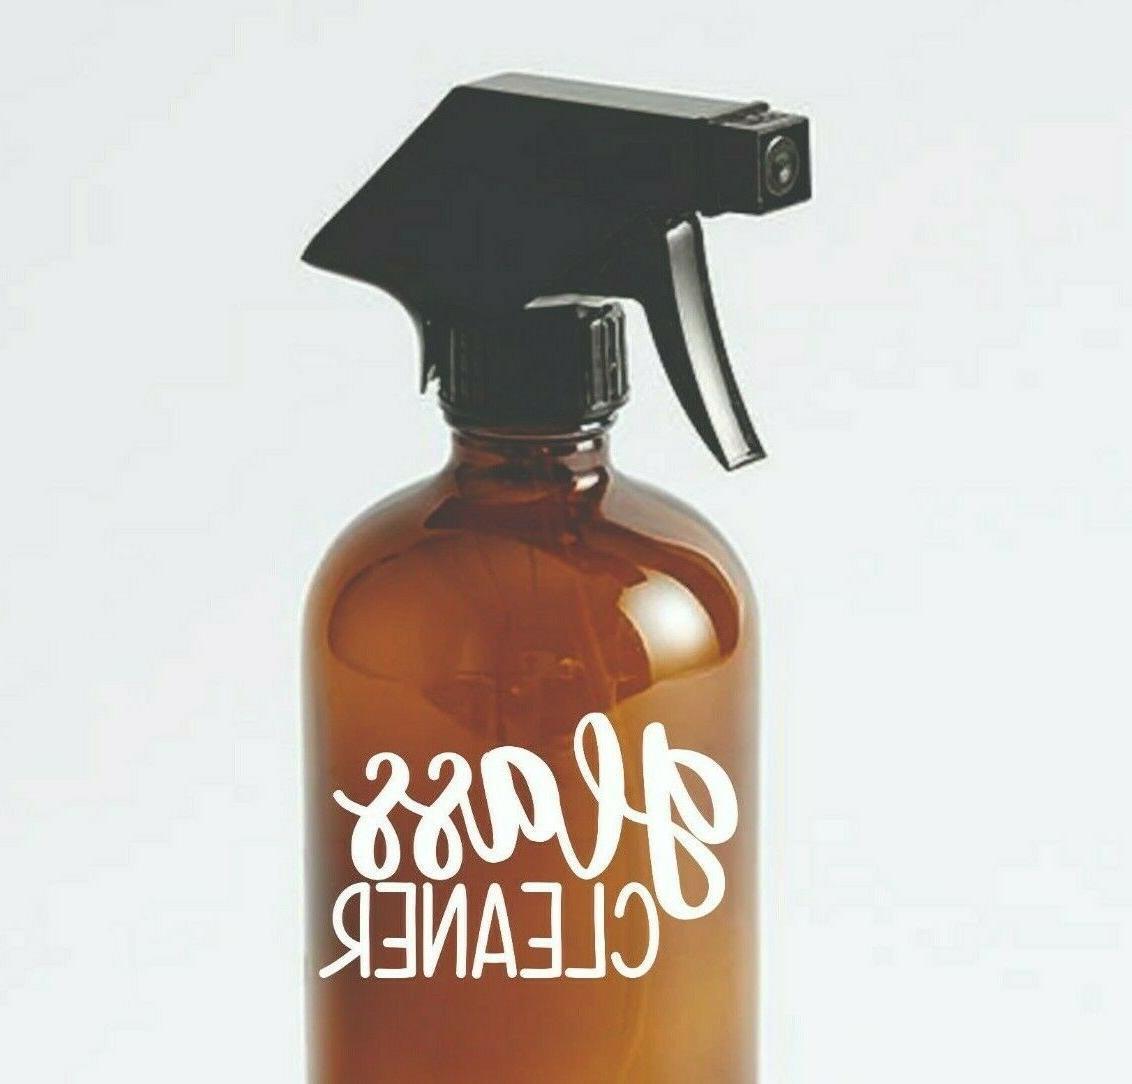 glass cleaner spray bottle dispenser label vinyl